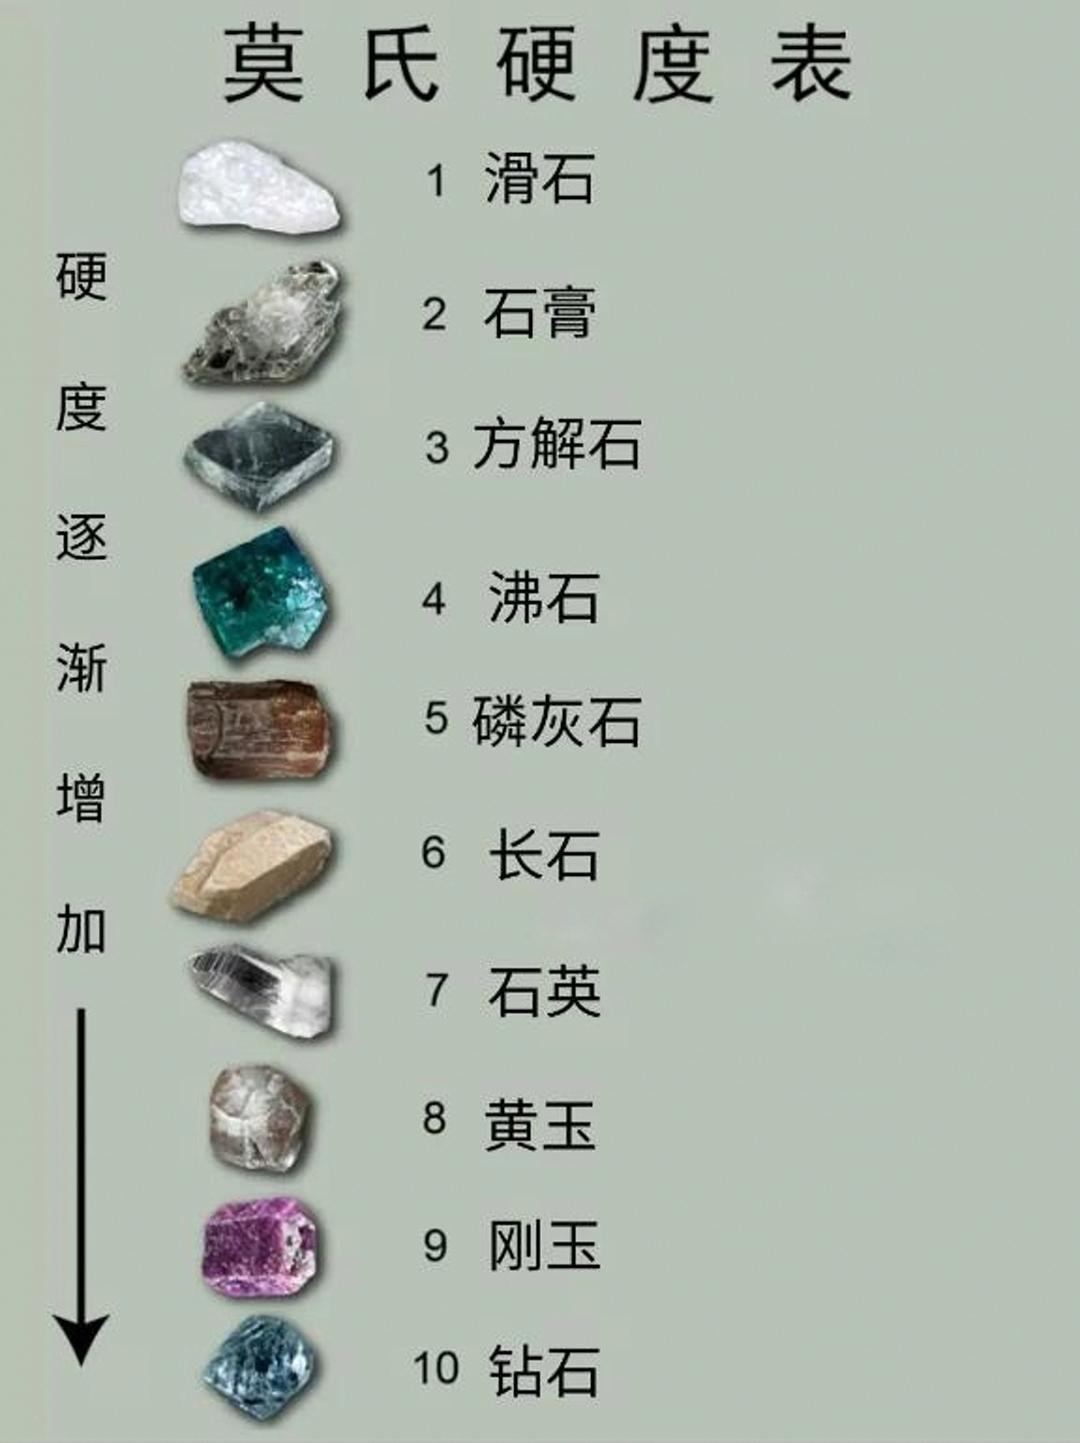 世界上最硬的物质有多硬?